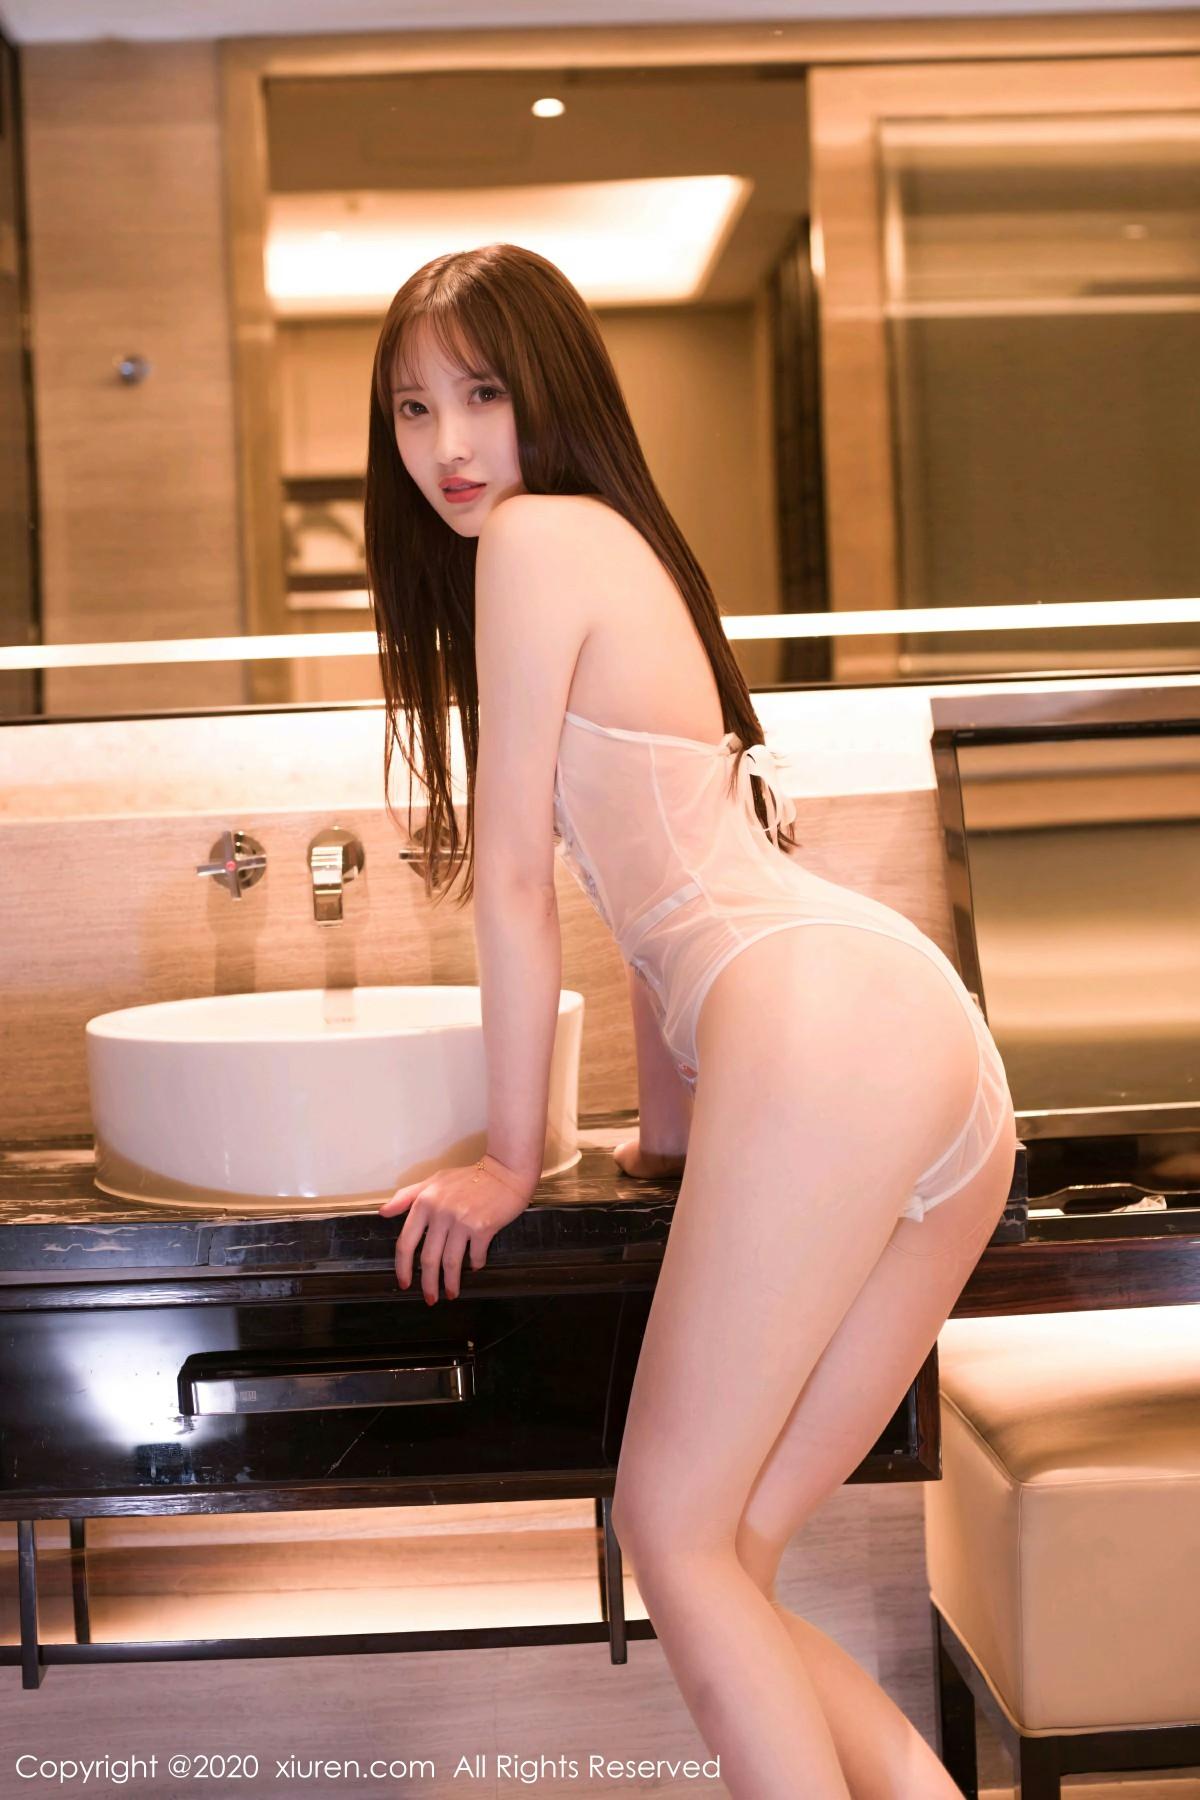 [XiuRen秀人网] 2020.11.10 No.2758 林芮希 第3张